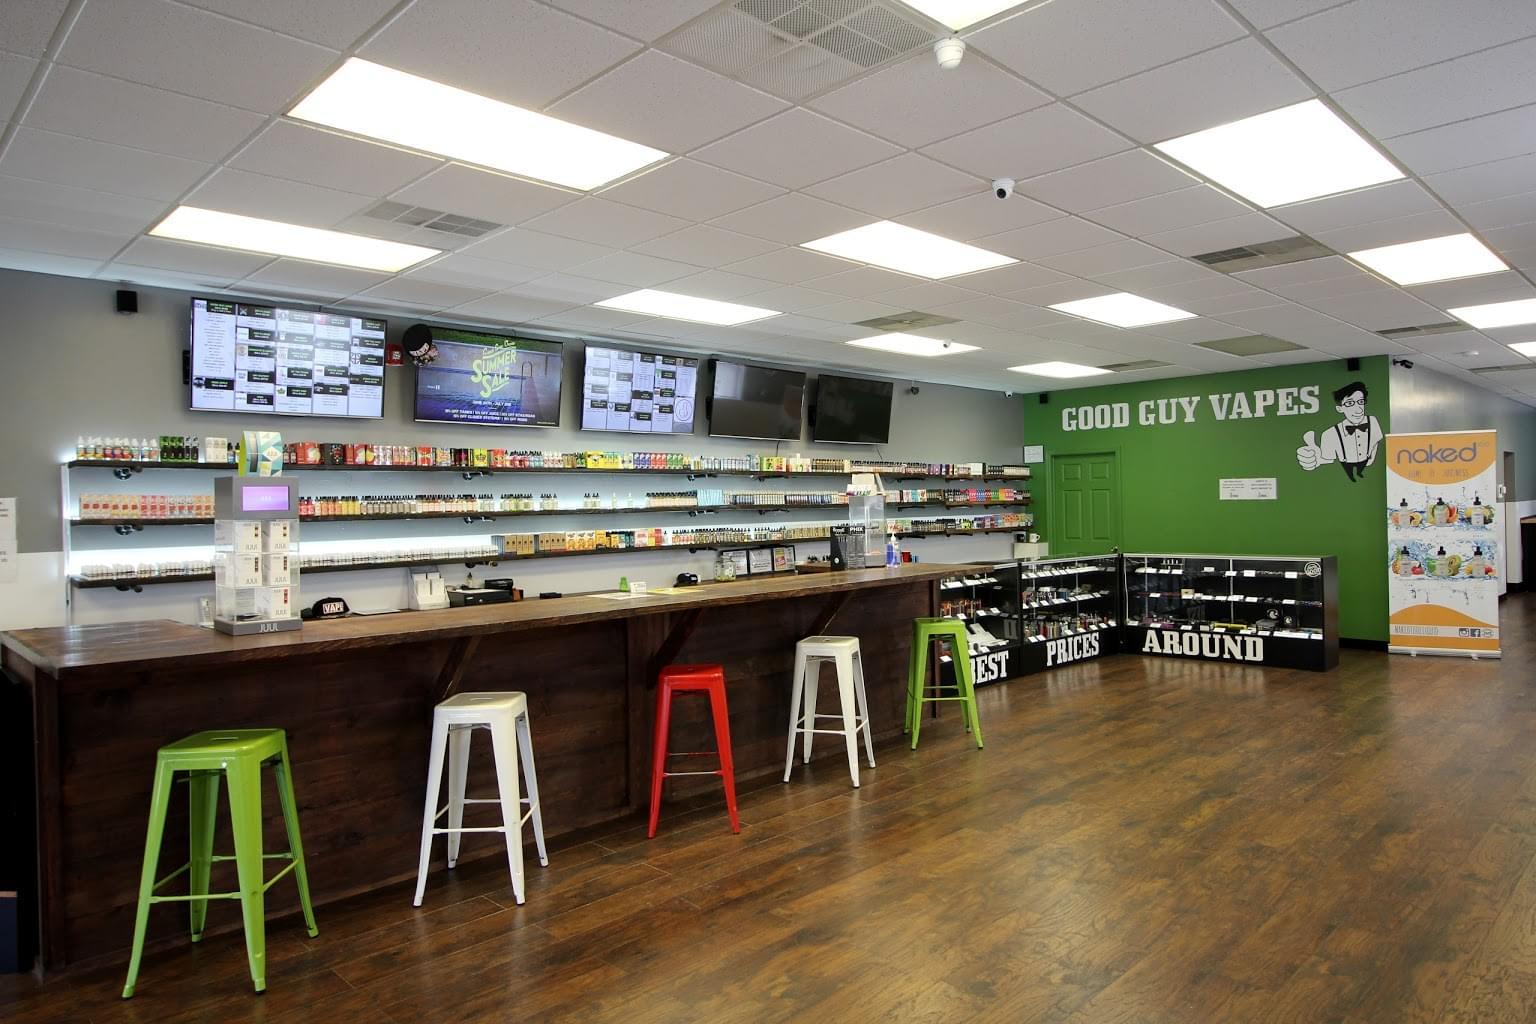 Good Guy Vapes – Pompton Lakes, NJ – See-Inside Vaporizer Store